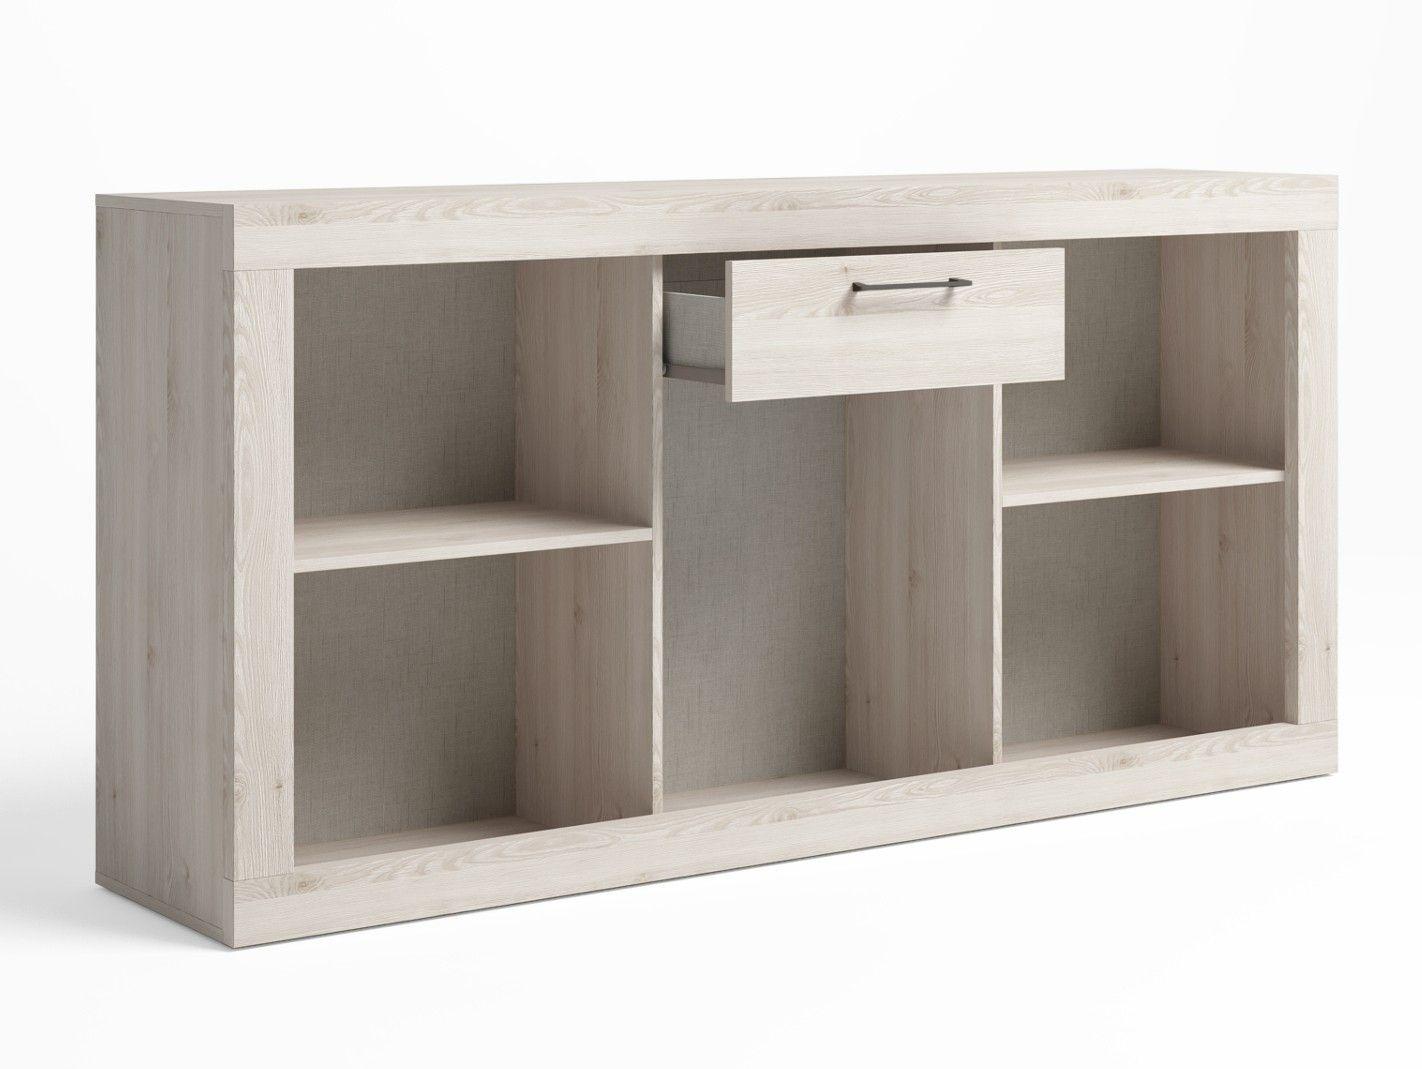 Muebles dormitorio juvenil moderno 20170723215141 - Imagenes dormitorios juveniles ...